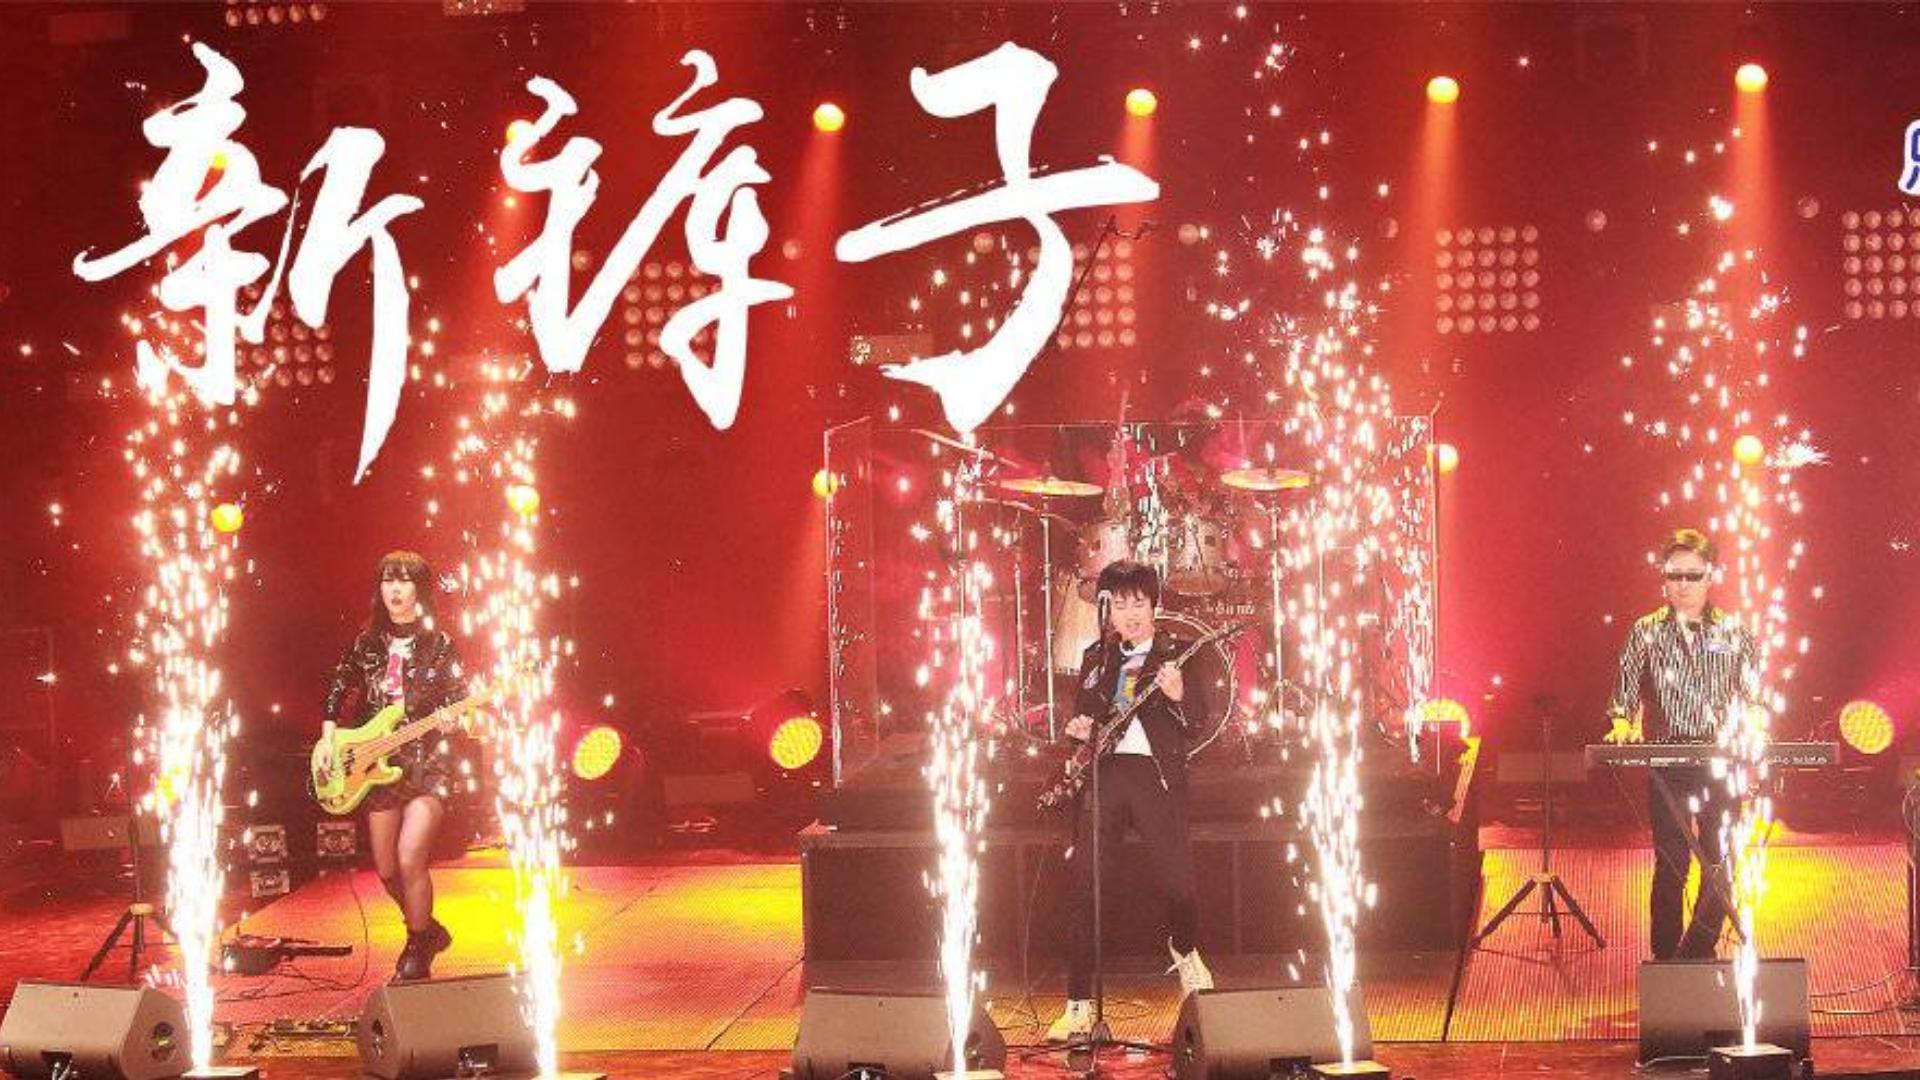 【全程高能】乐队的夏天热门TOP12,愿你永远年轻永远热泪盈眶!@抖森云音乐